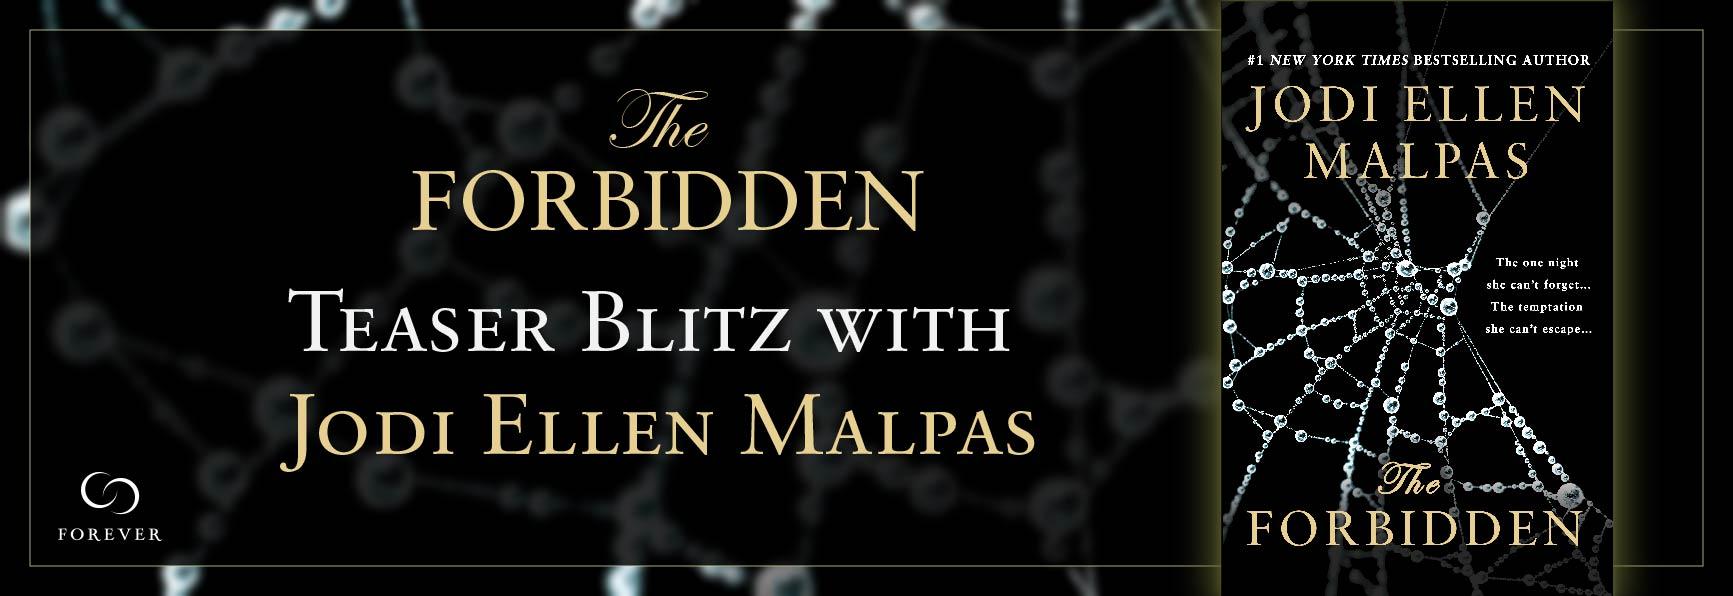 The Forbidden excerpt